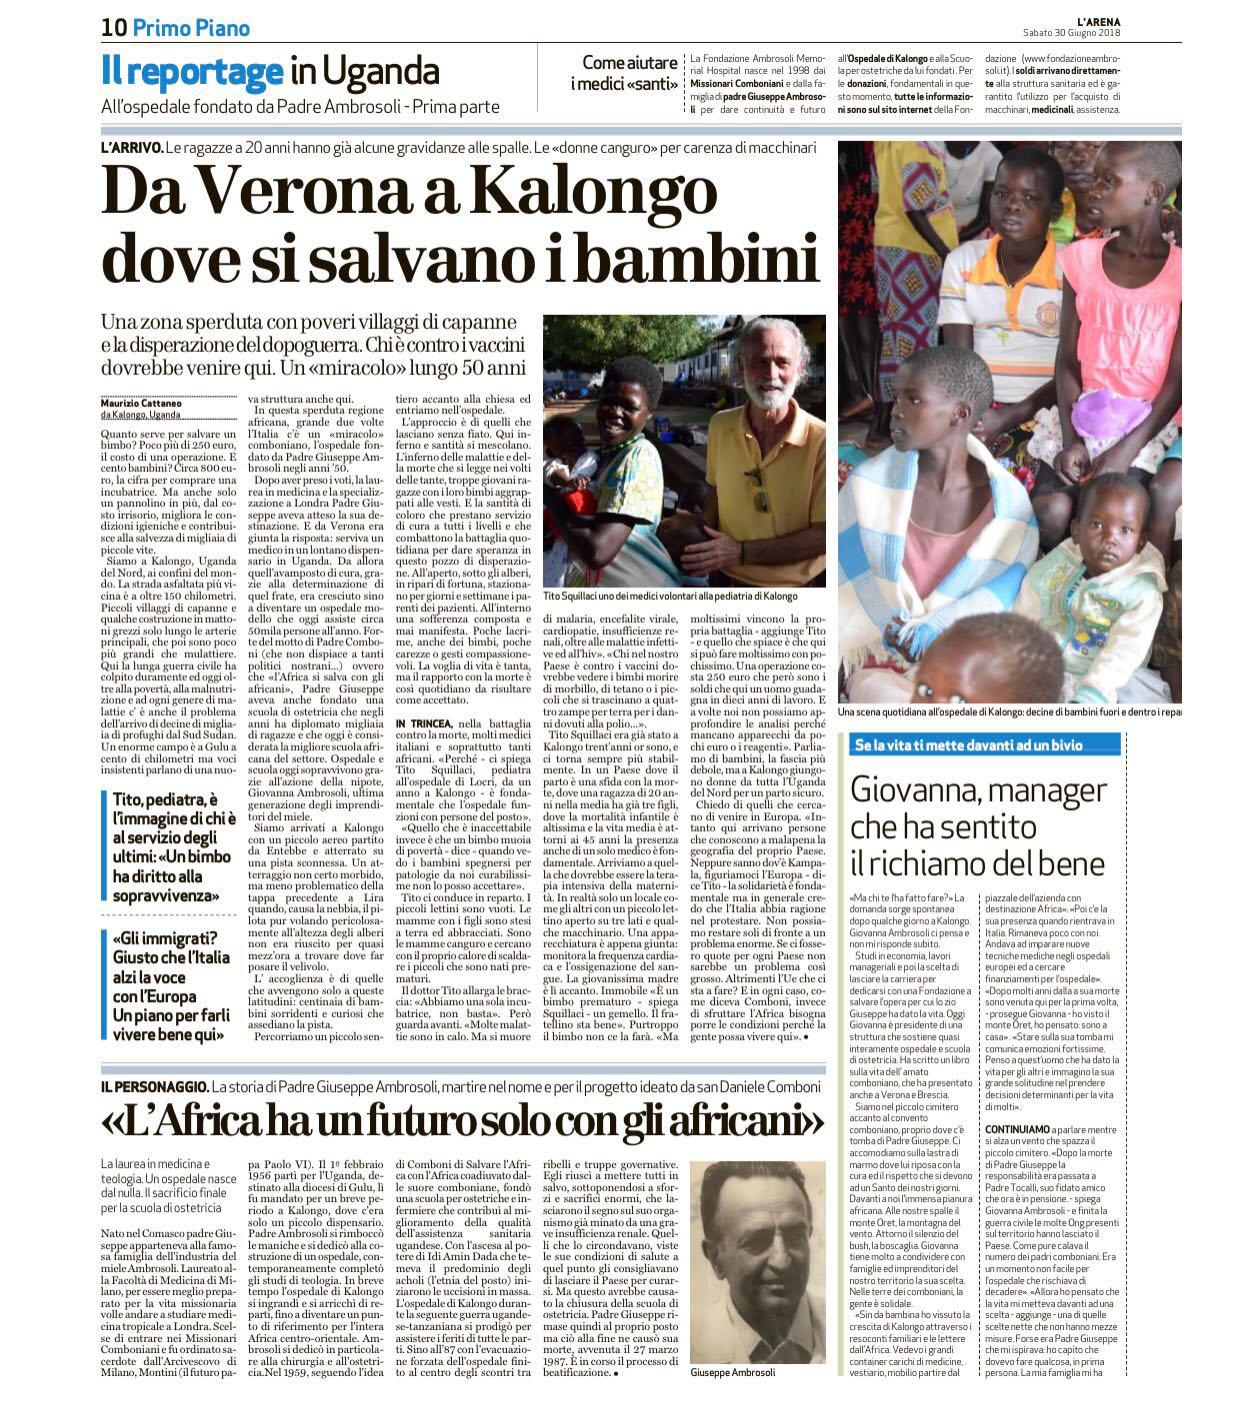 da Verona a Kaslongo Tito